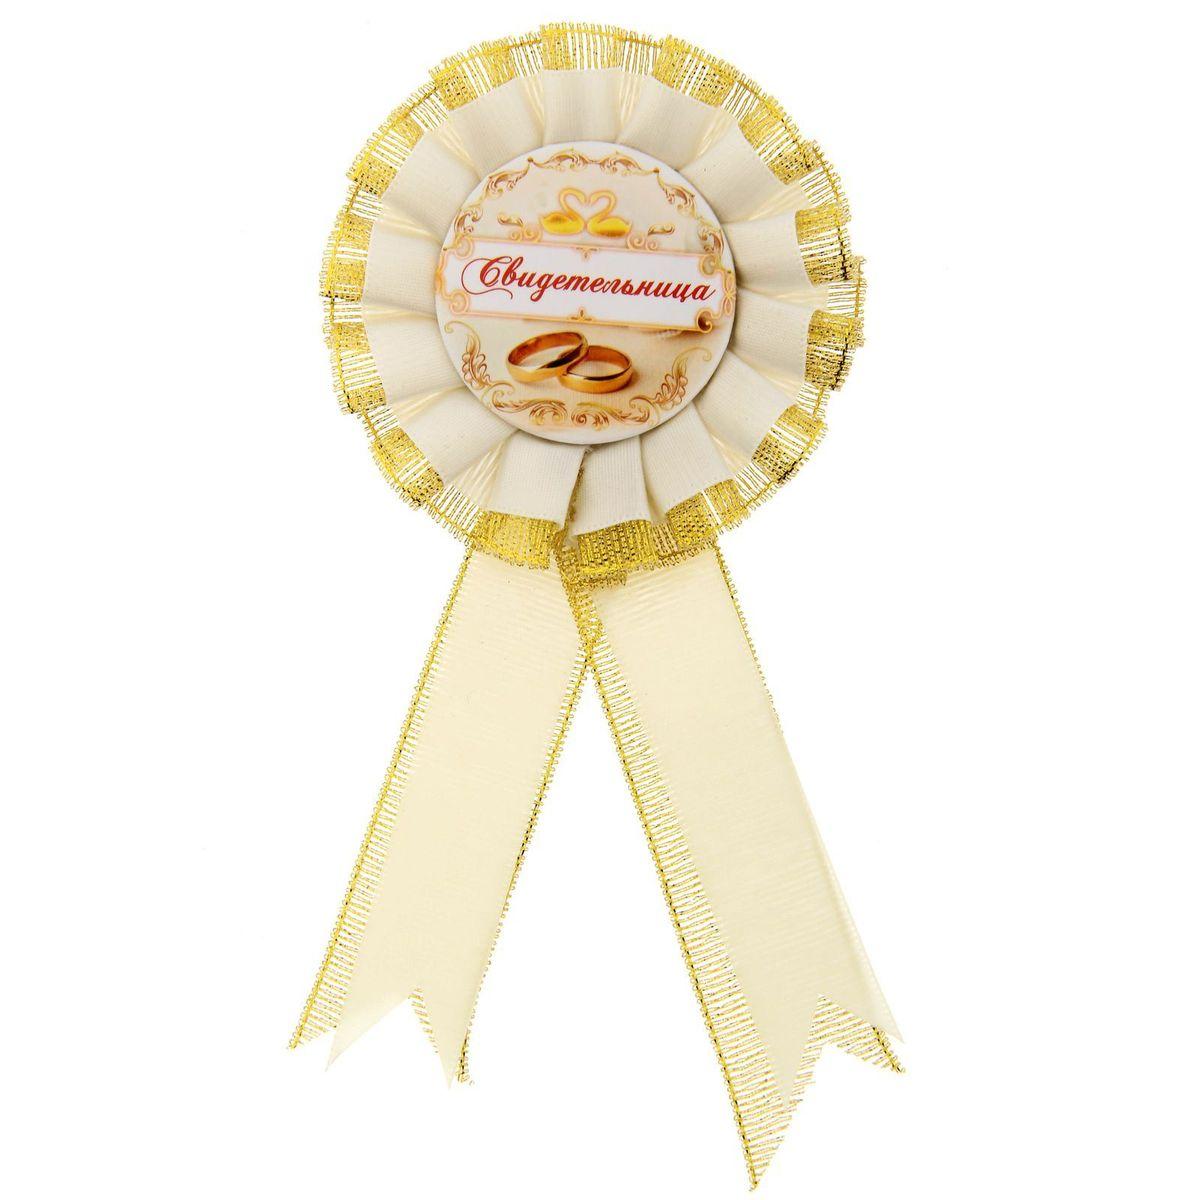 Значок-розетка Sima-land Свидетельница, цвет: желтый, 8 х 17,5 смC0038550Когда на носу торжественное событие, так хочется окружить себя яркими красками и счастливыми улыбками! Порадуйте своих близких и родных самой эффектной и позитивной наградой, которую уж точно будет видно издалека!